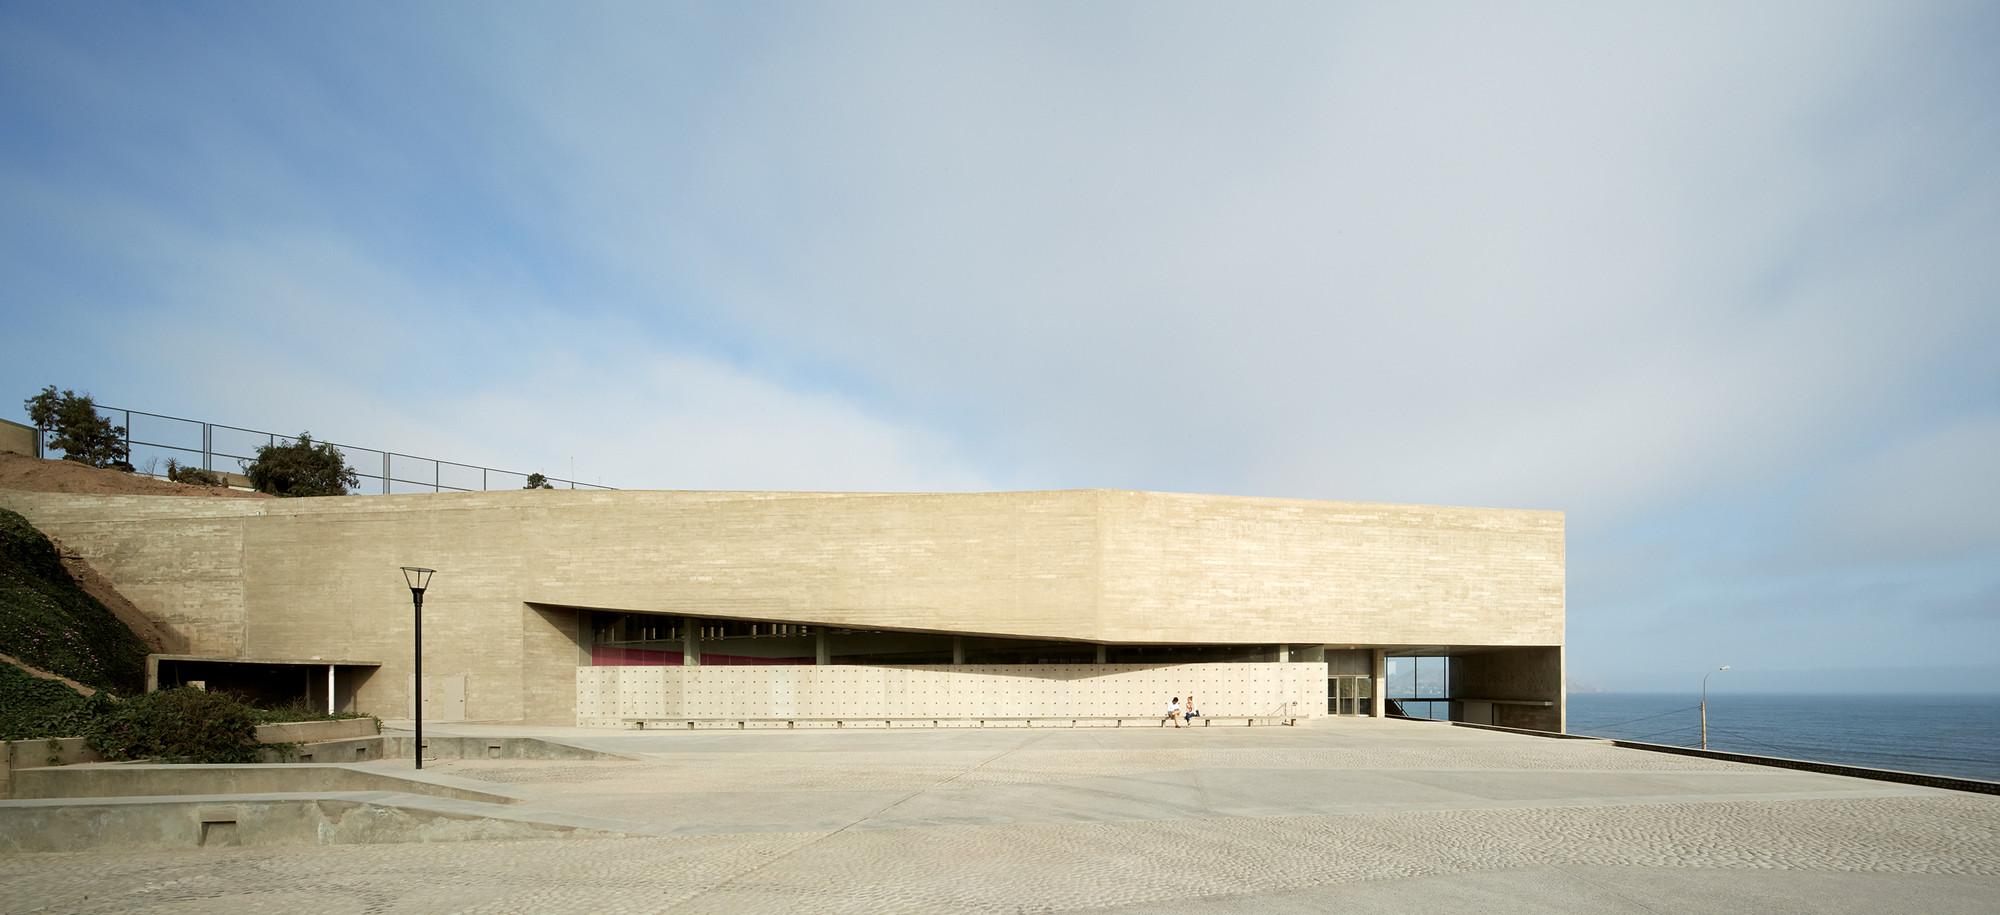 Barclay & Crousse recibe premio Hexágono de Oro en XVI Bienal de Arquitectura de Perú, Lugar de la Memoria, la Tolerancia y la Inclusión Social (LUM). Image © Cristobal Palma / Estudio Palma